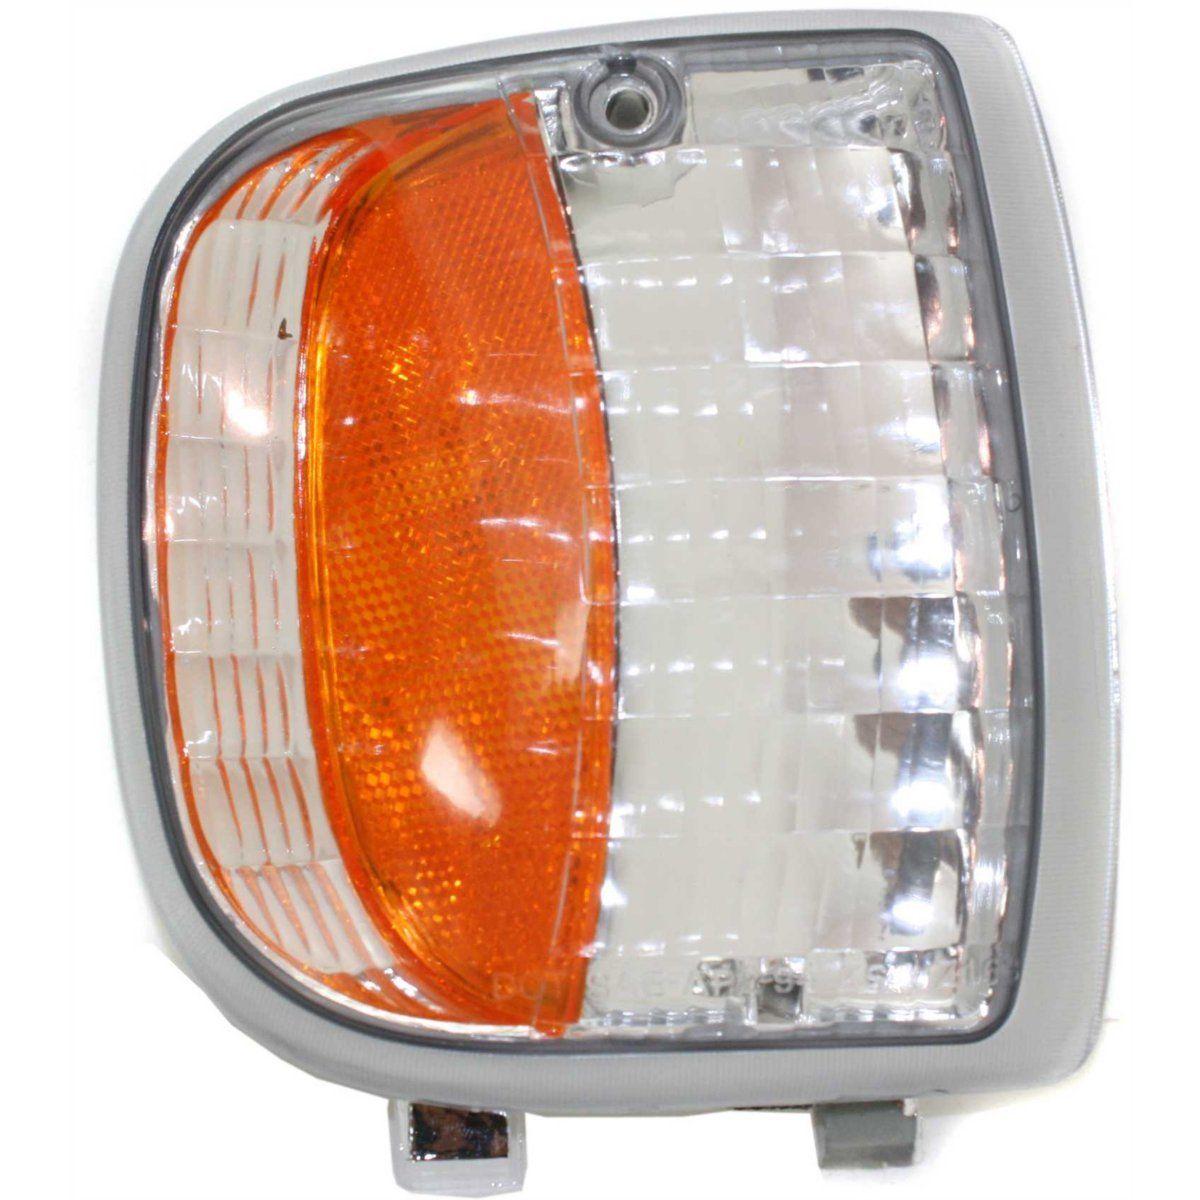 コーナーライト Corner Light For 94-97 Mazda B3000 B4000 Passenger Side Incandescent コーナーライト94-97マツダB3000 B4000のための乗客側白熱灯